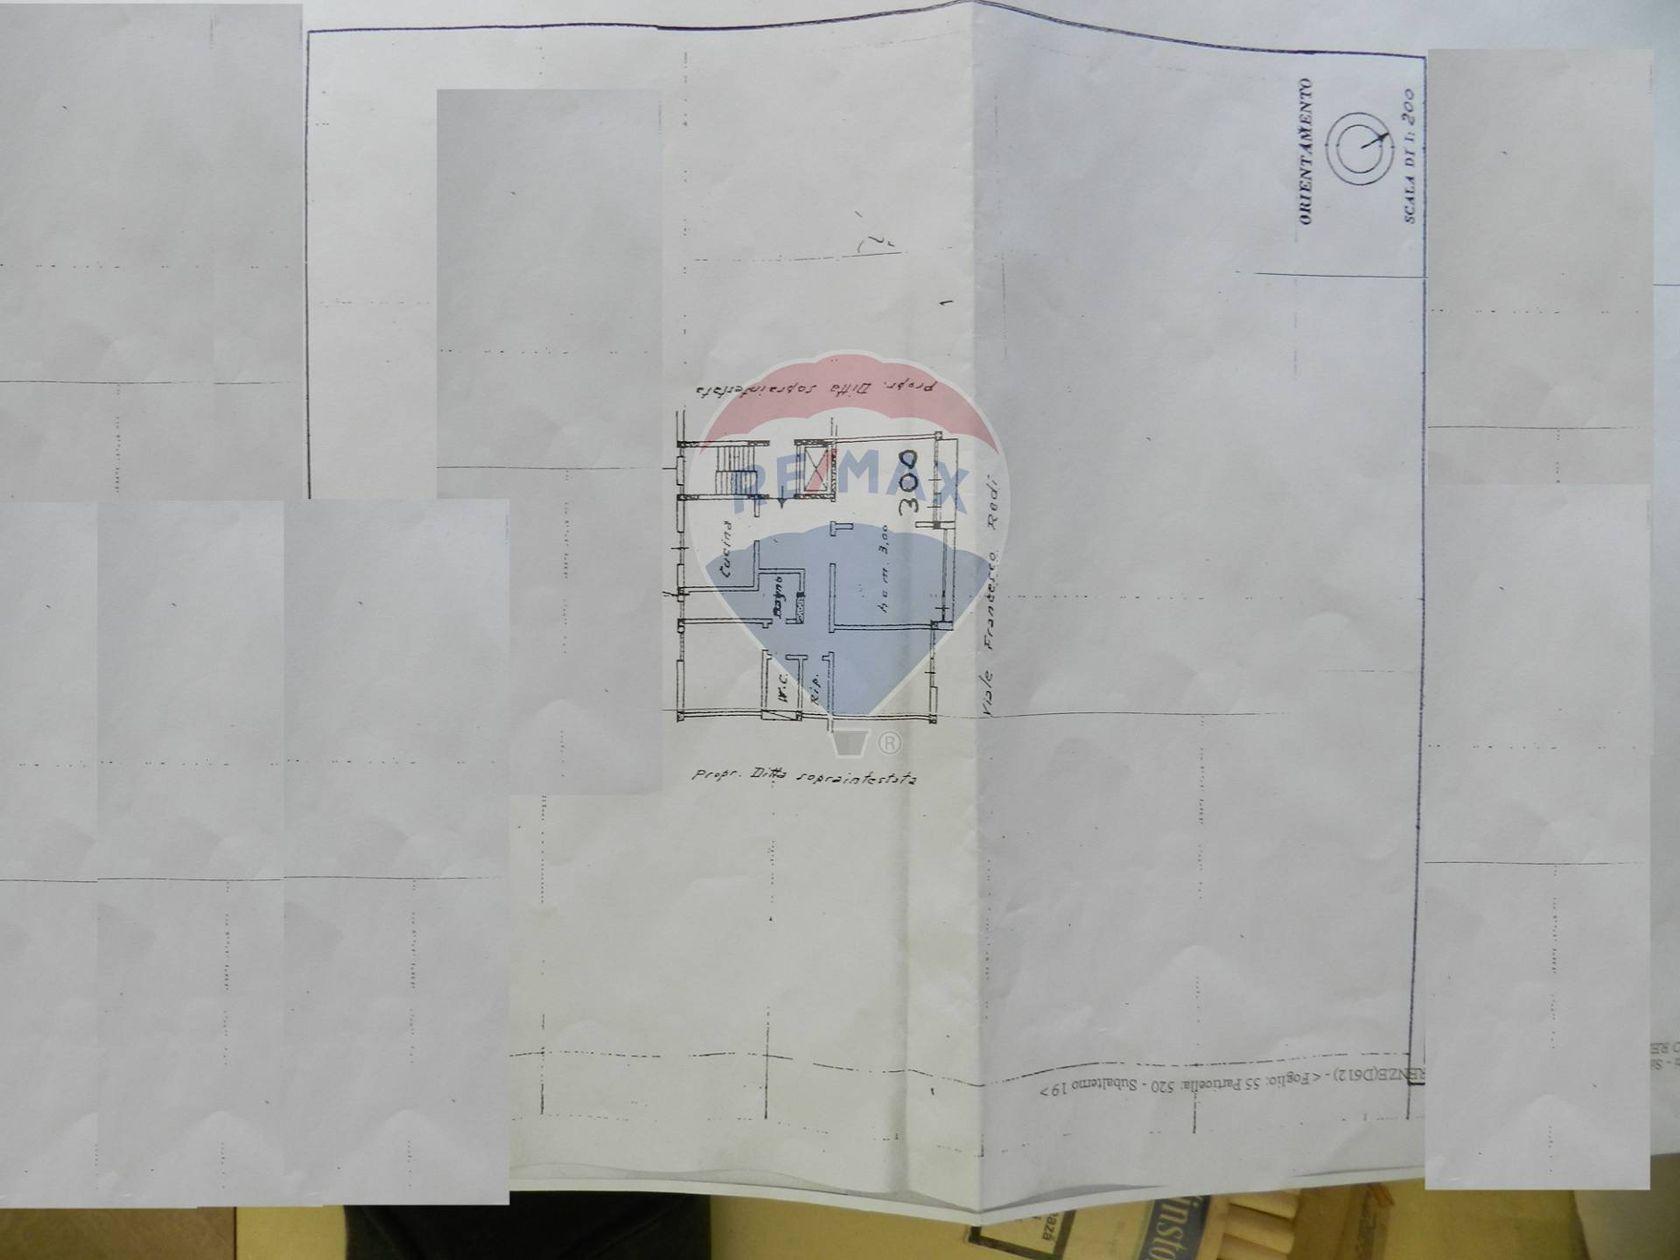 Appartamento Firenze - Porta A Prato San Jacopino Fortezza, Firenze, FI Vendita - Planimetria 5